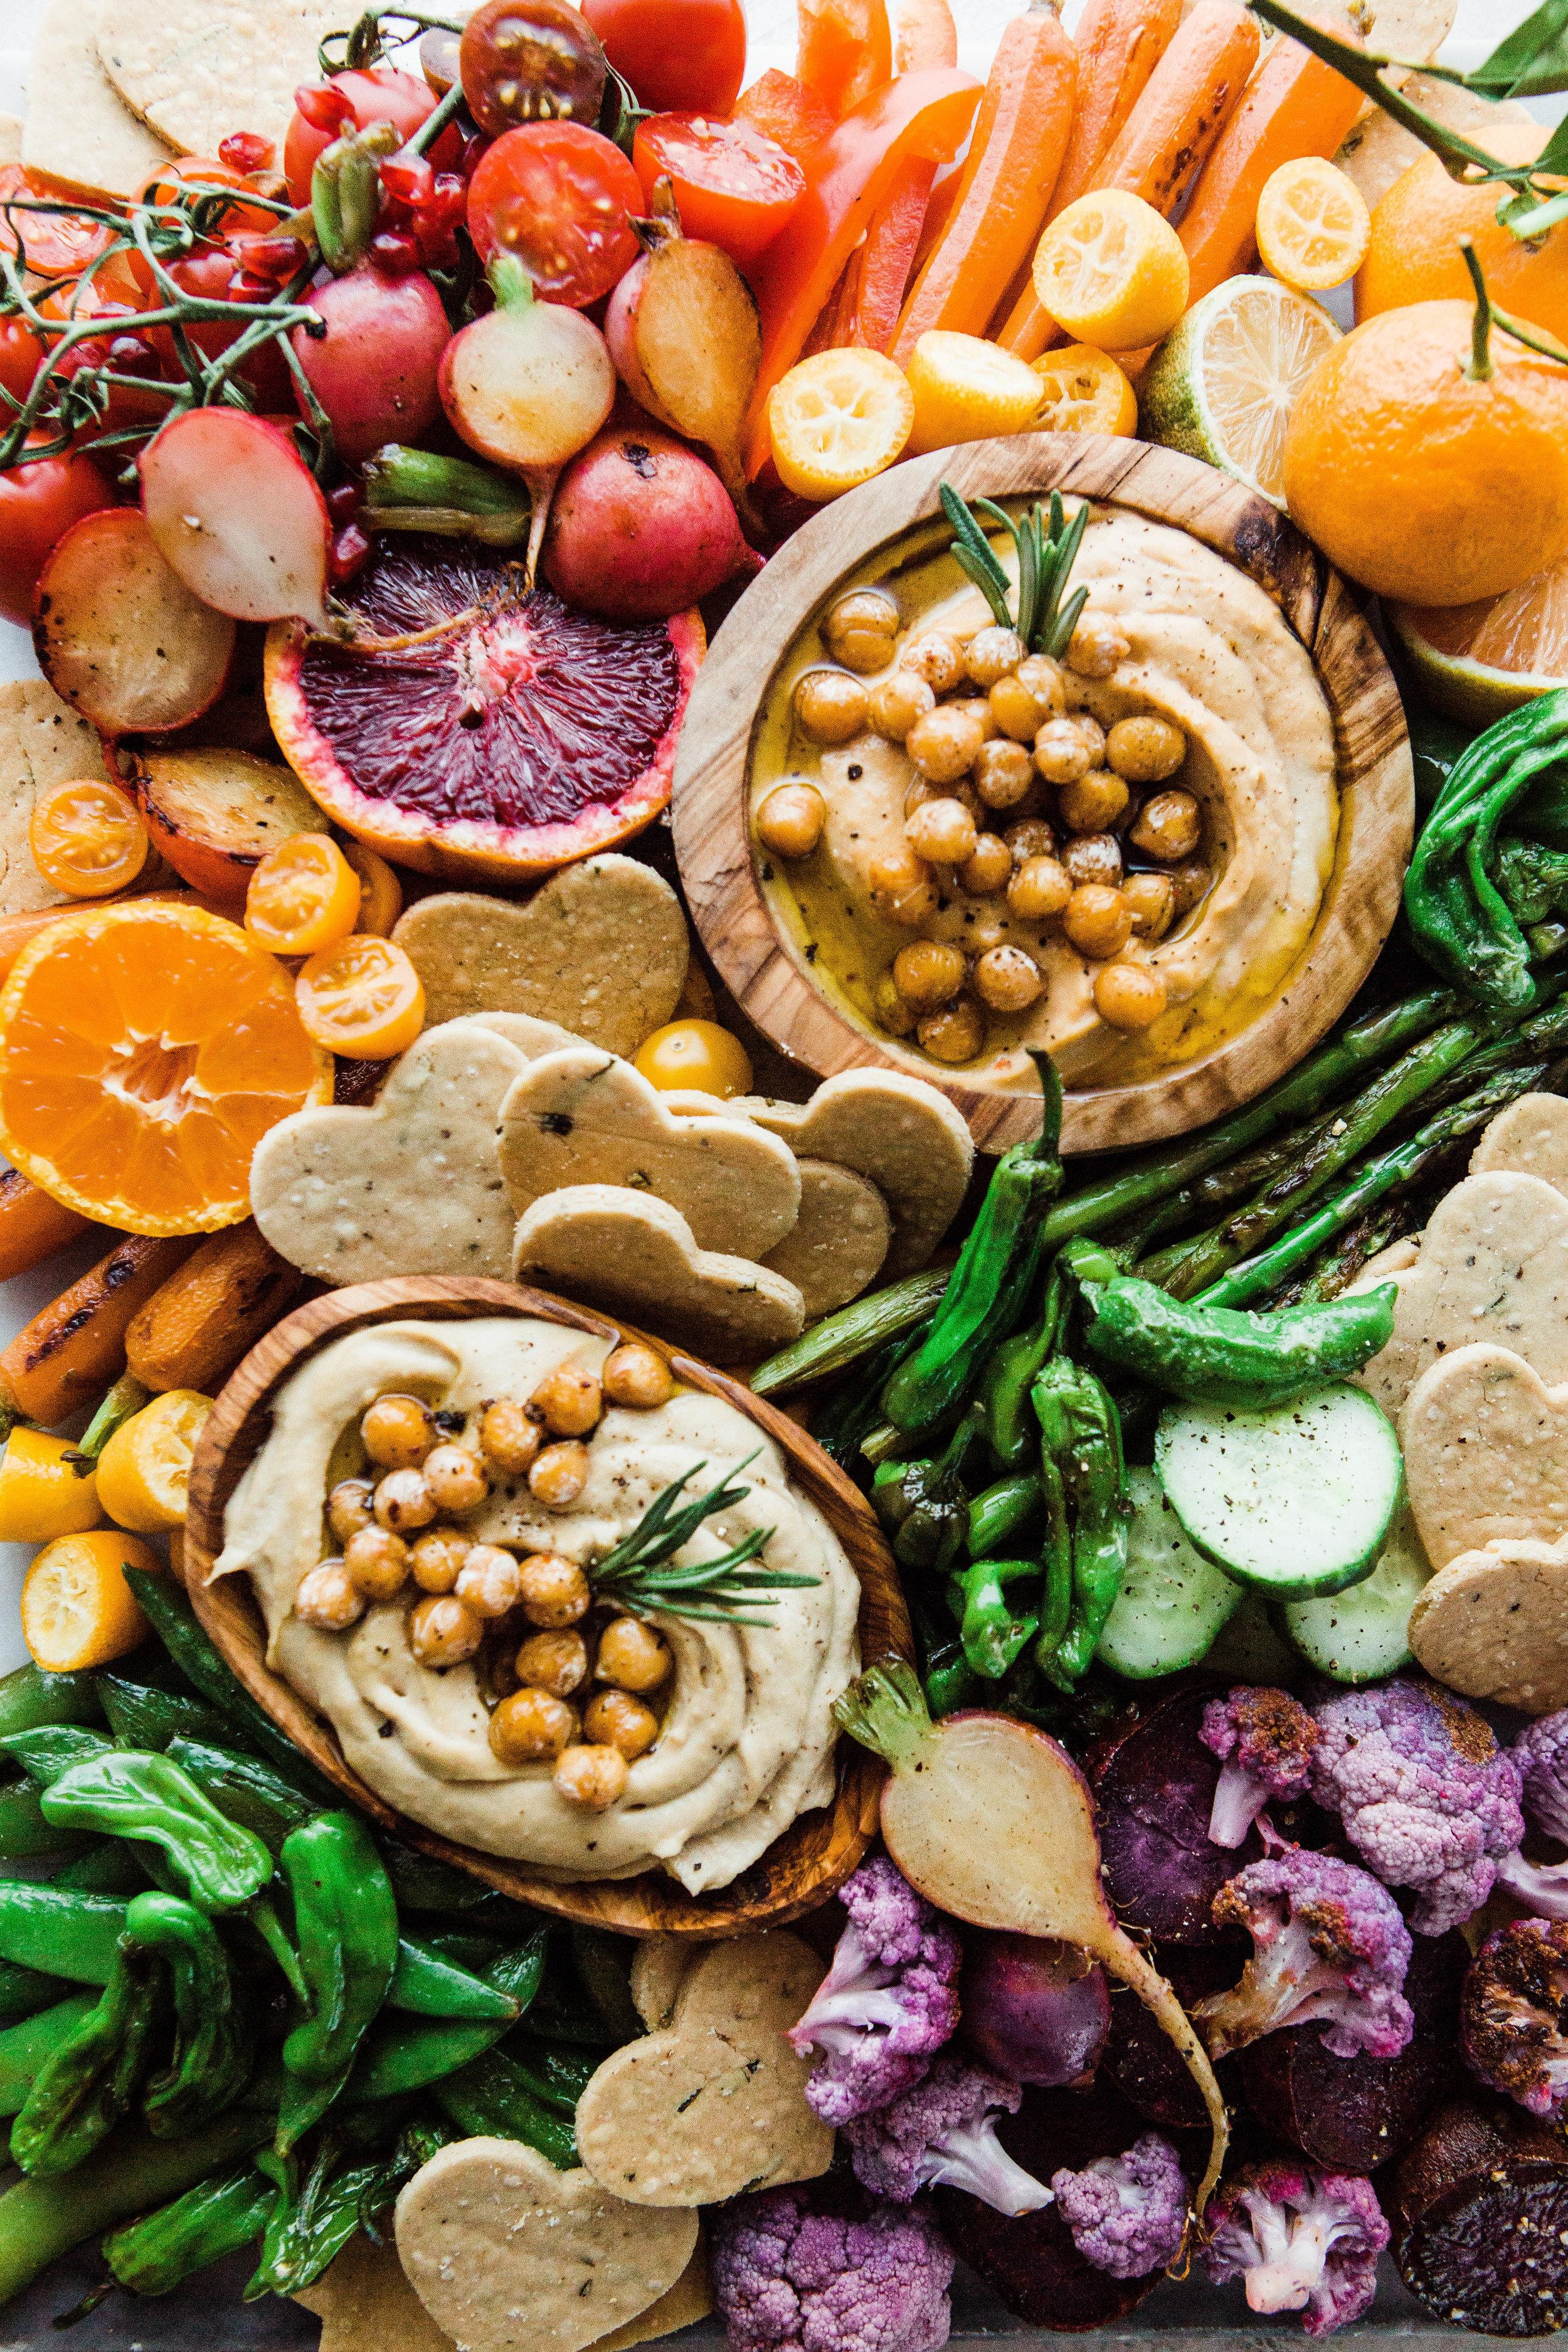 2019-01 BRM Homemade Paleo Rosemary Crackers with Cassava and Rainbow Veggie Platter 21.jpg